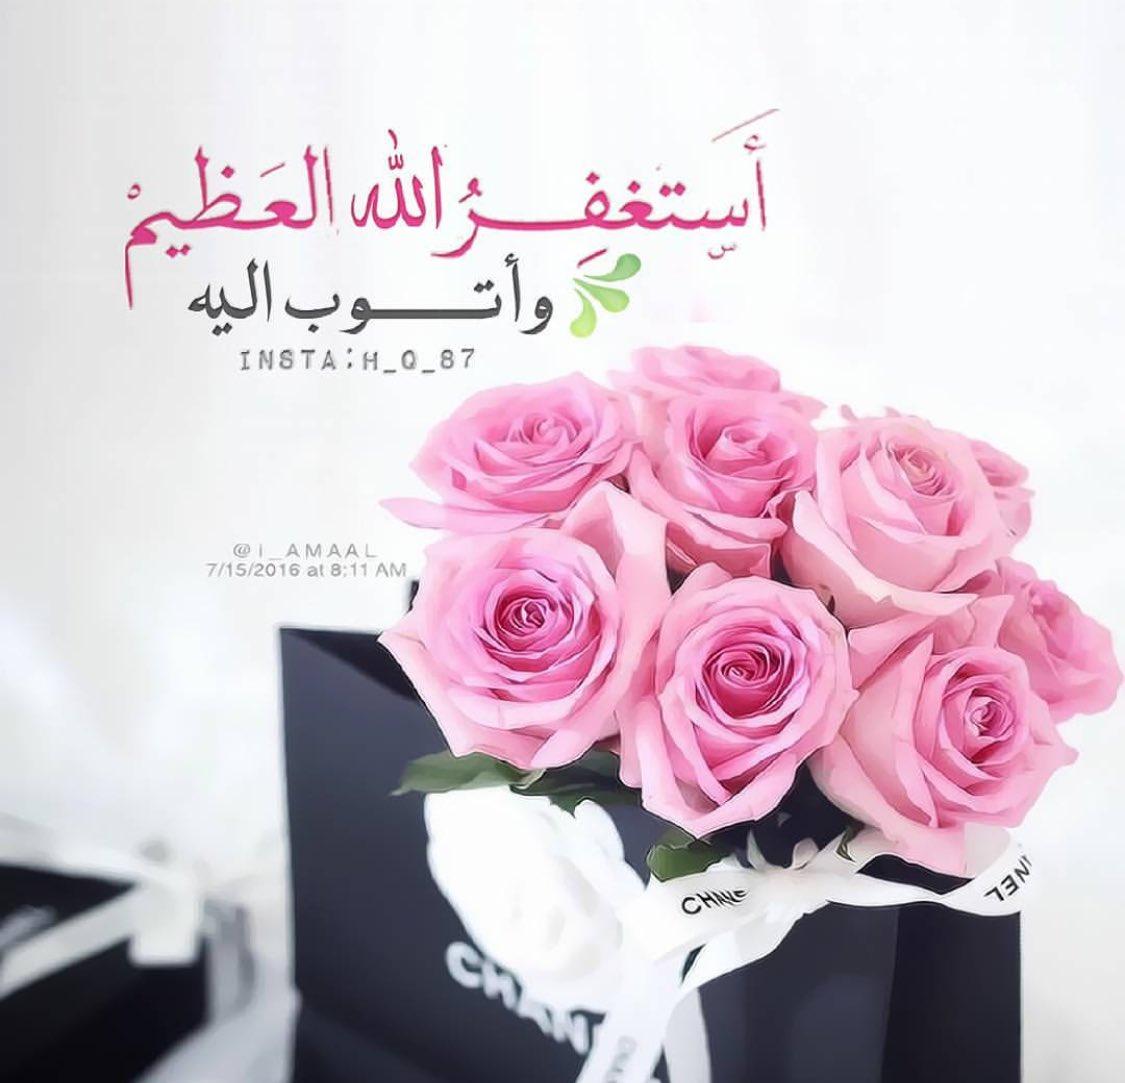 استغفار On Twitter قال تعالي ومن يعمل سوءا أو يظلم